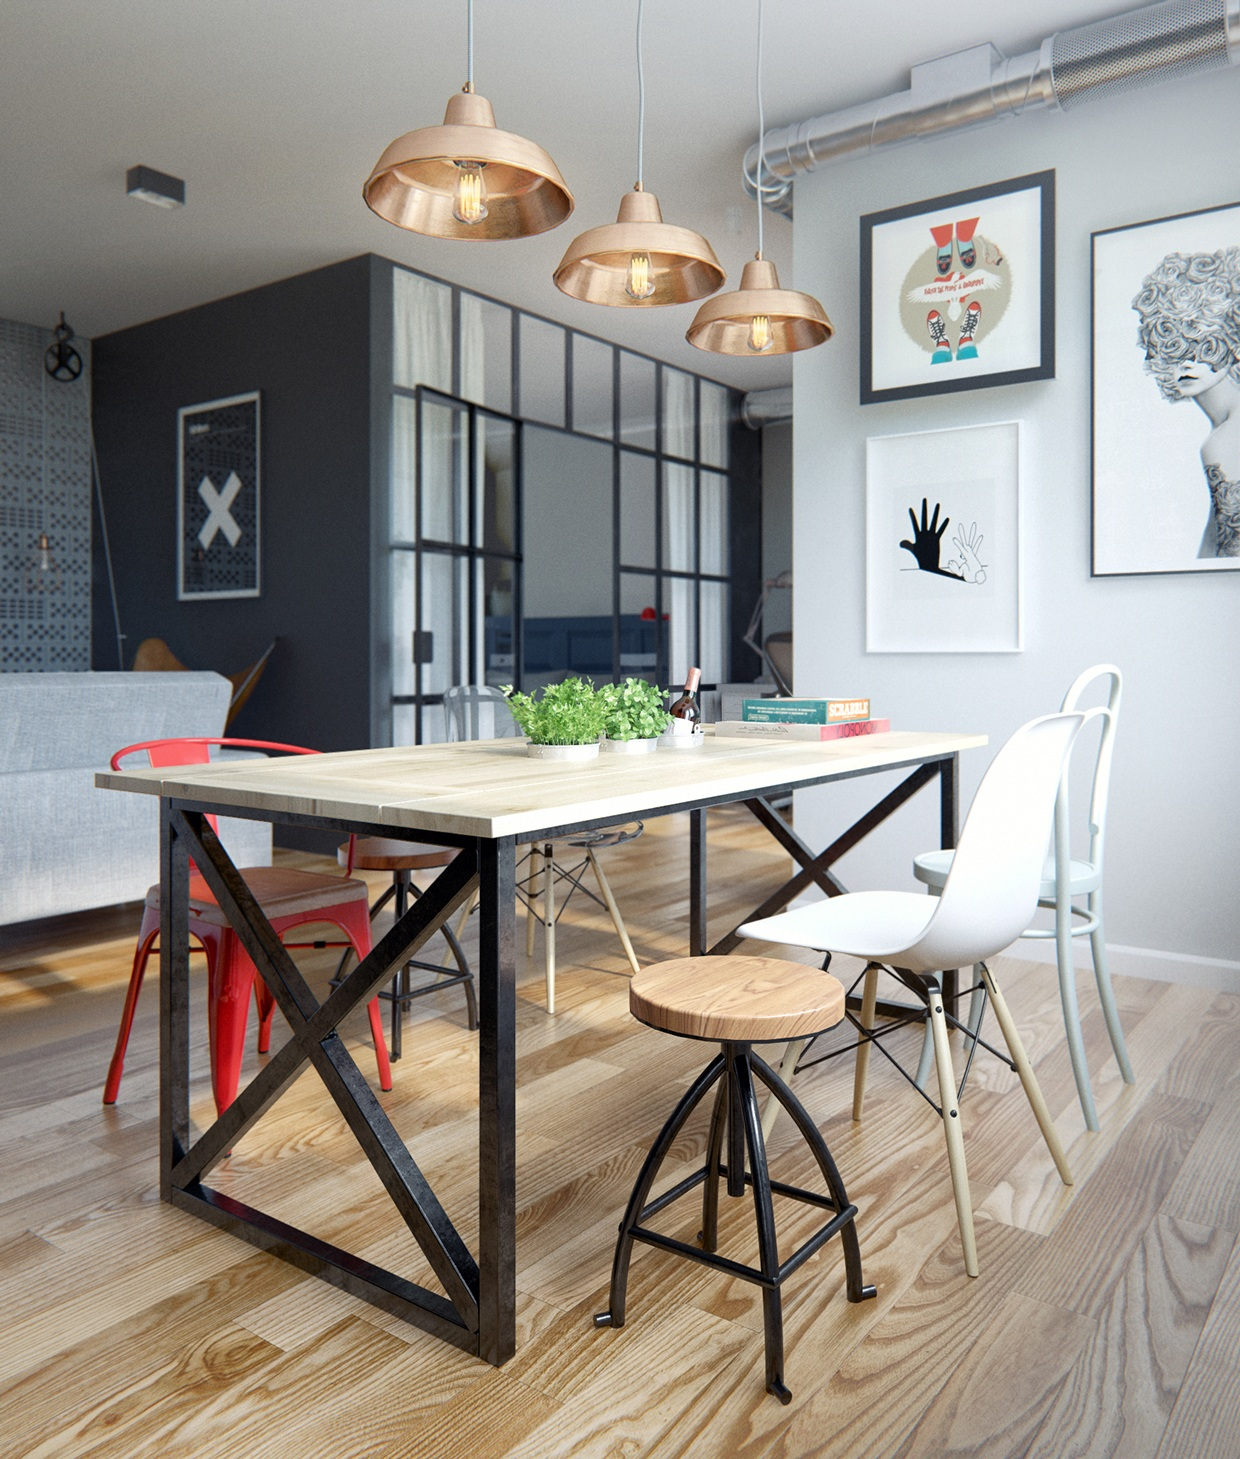 Casabook Immobiliare: Un perfetto appartamento per single